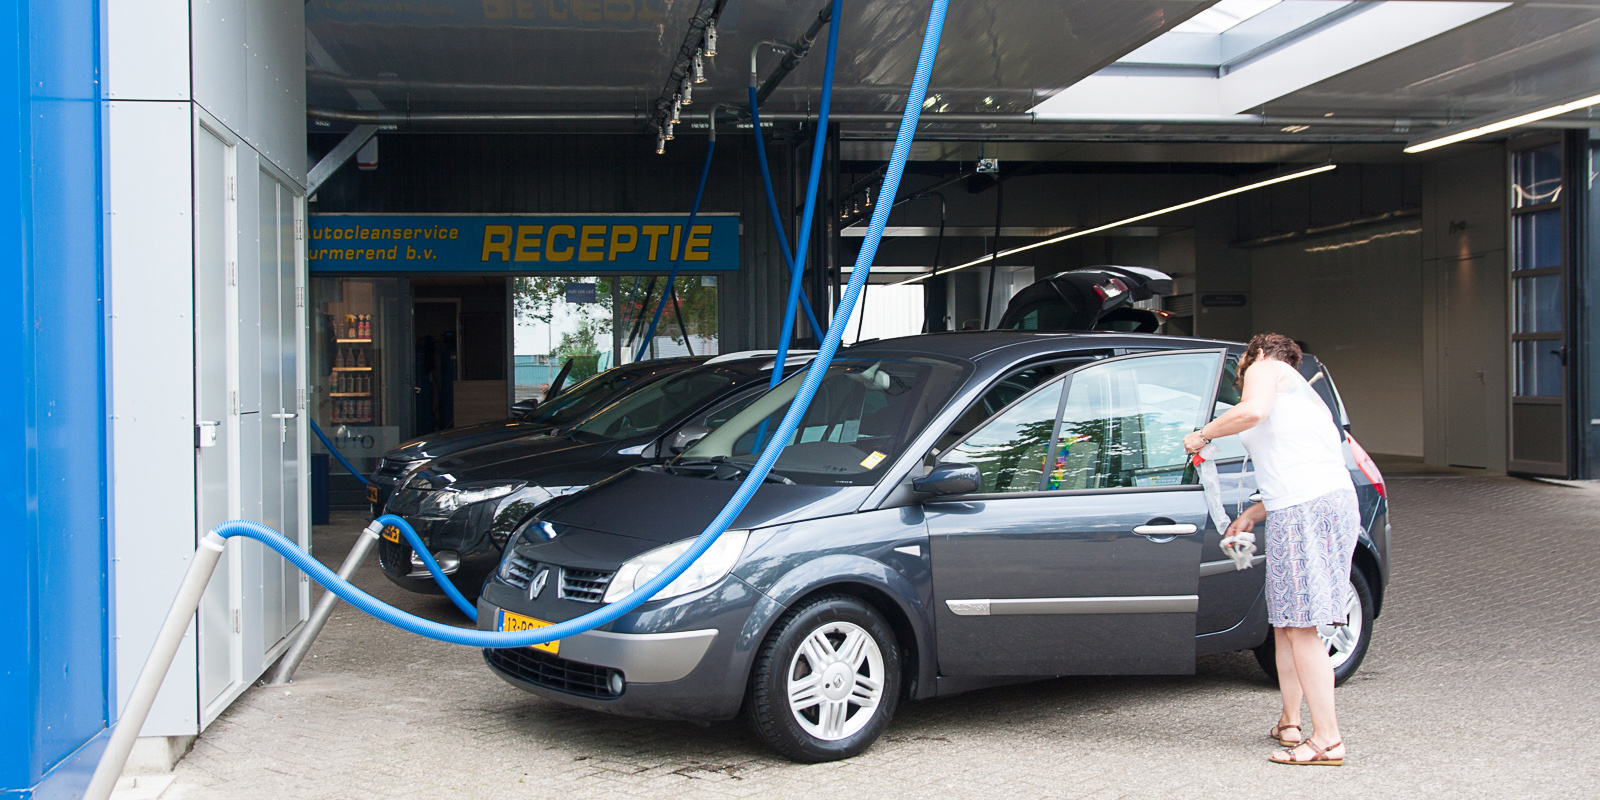 Interieur reinigen auto - autobekleding reinigen - Autocleanservice Purmerend